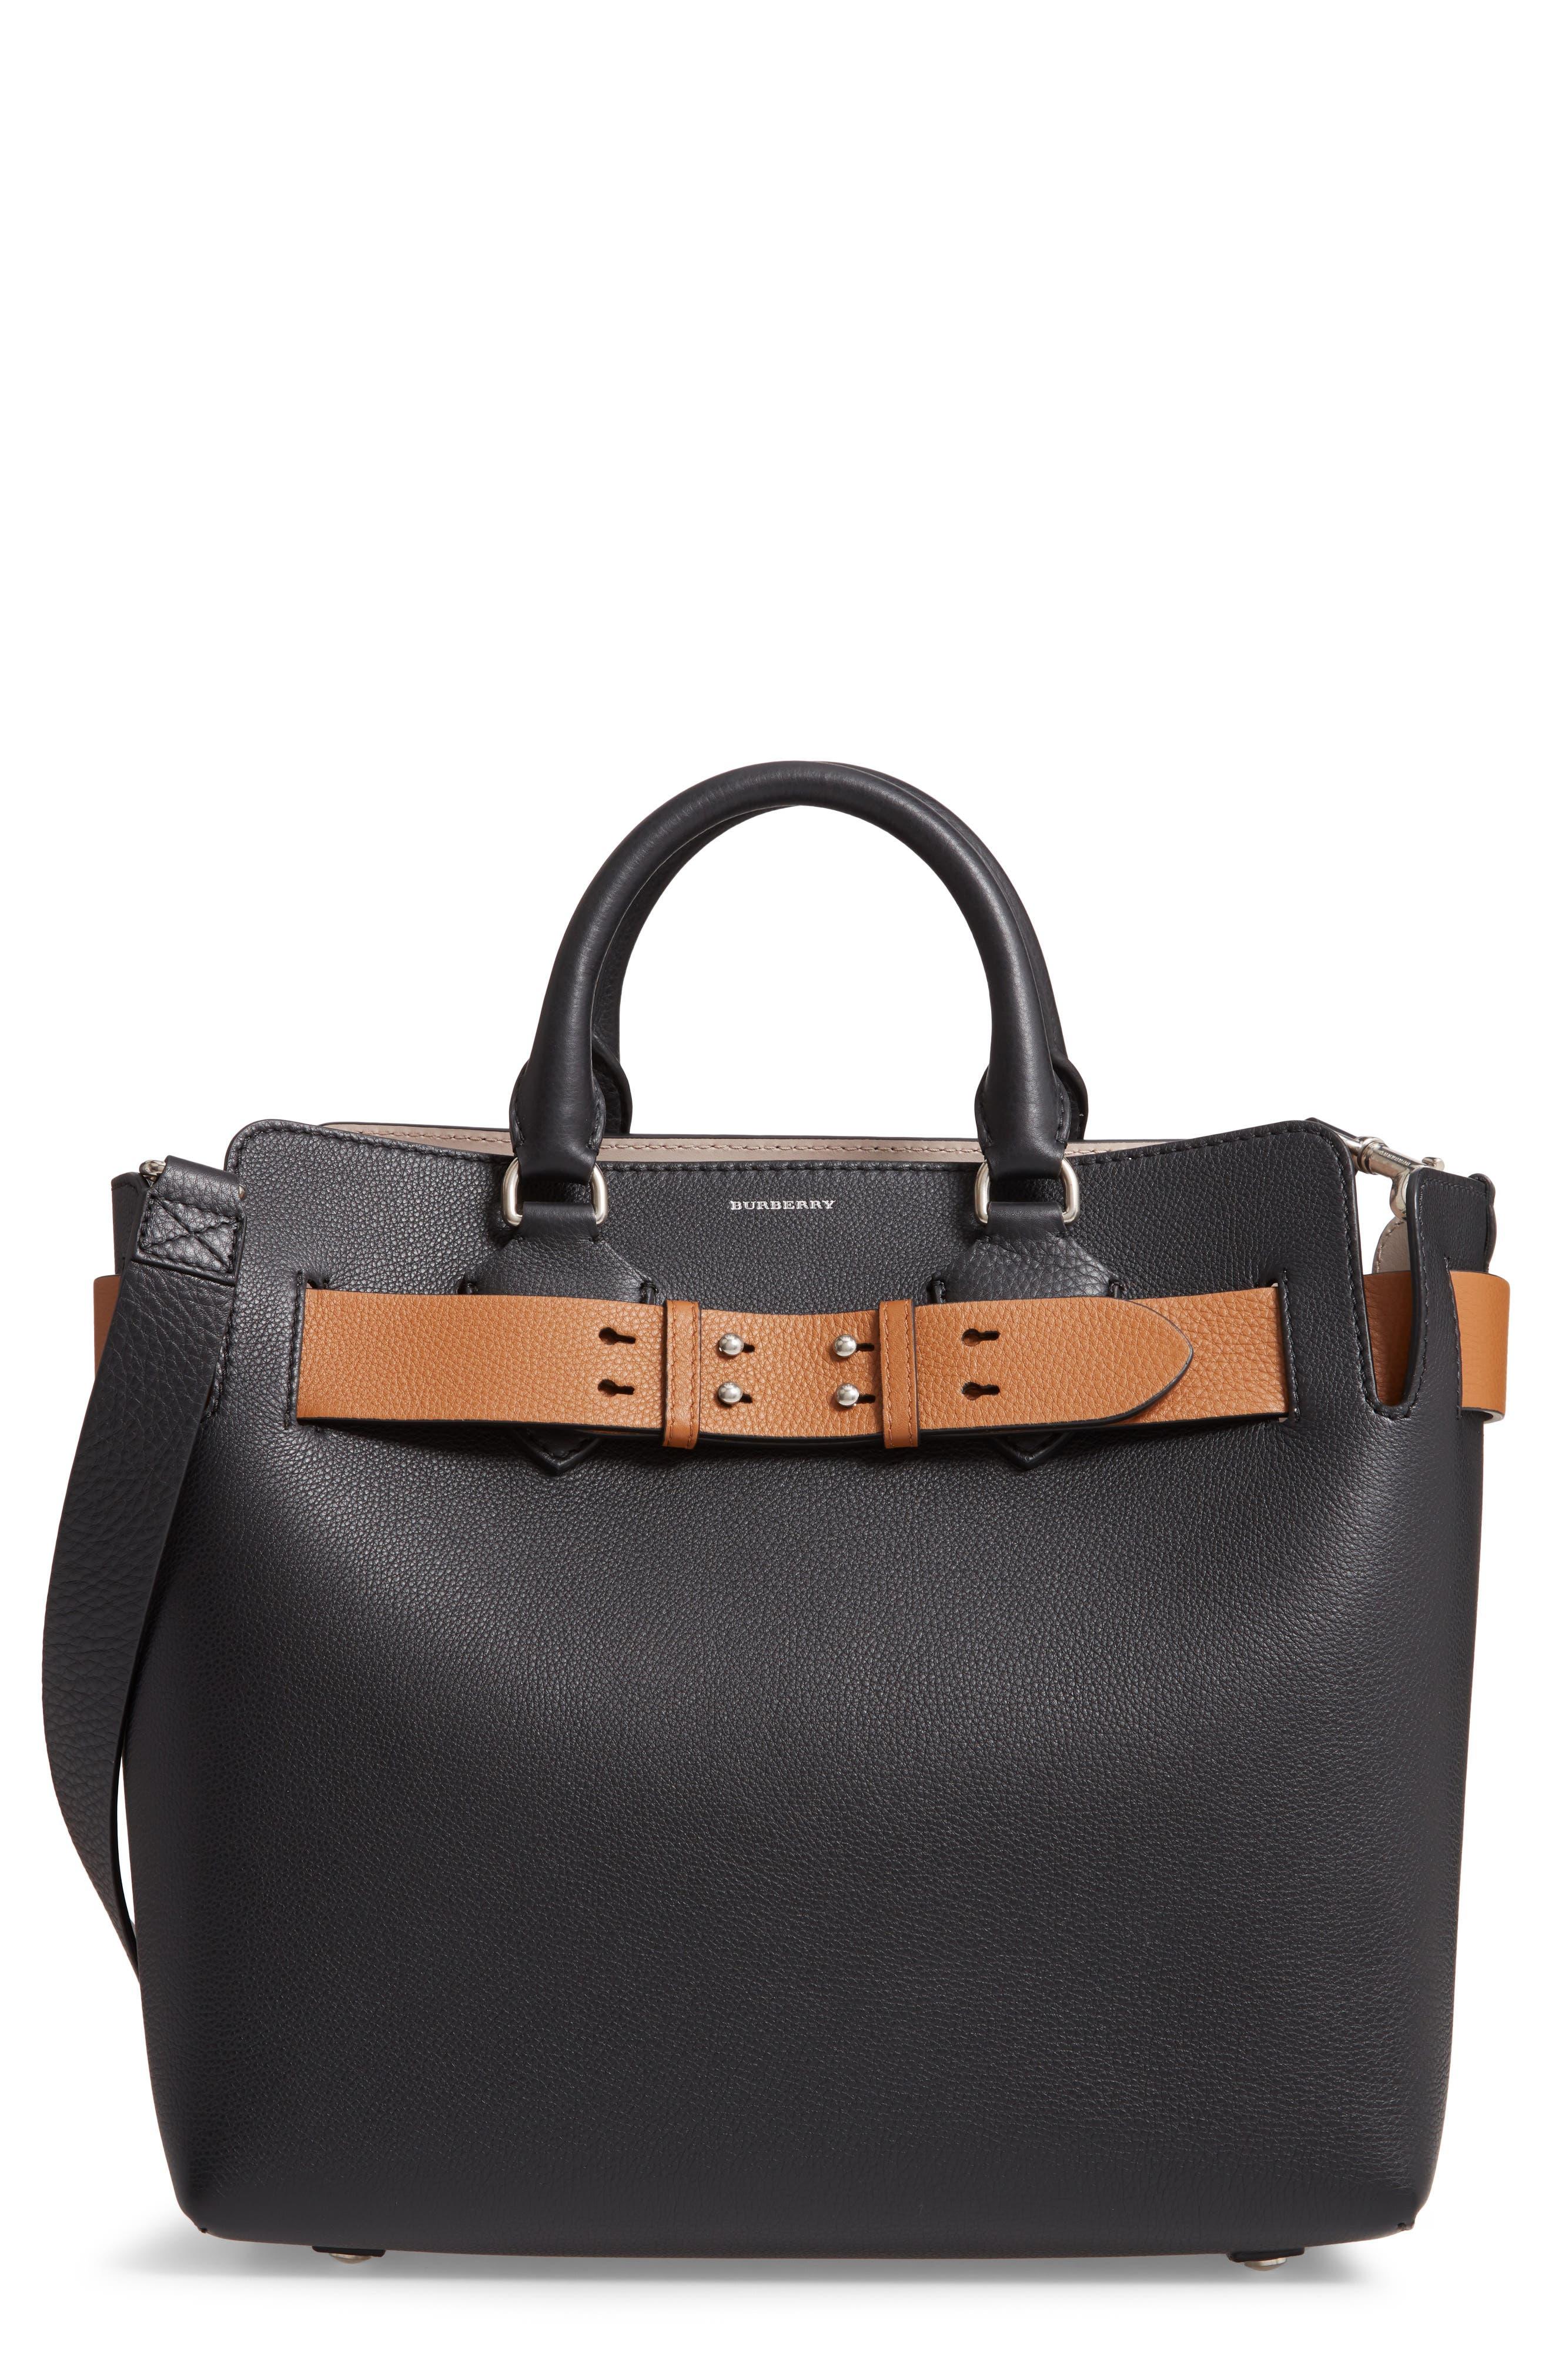 79da67eb6f2d burry berry handbags | Nordstrom